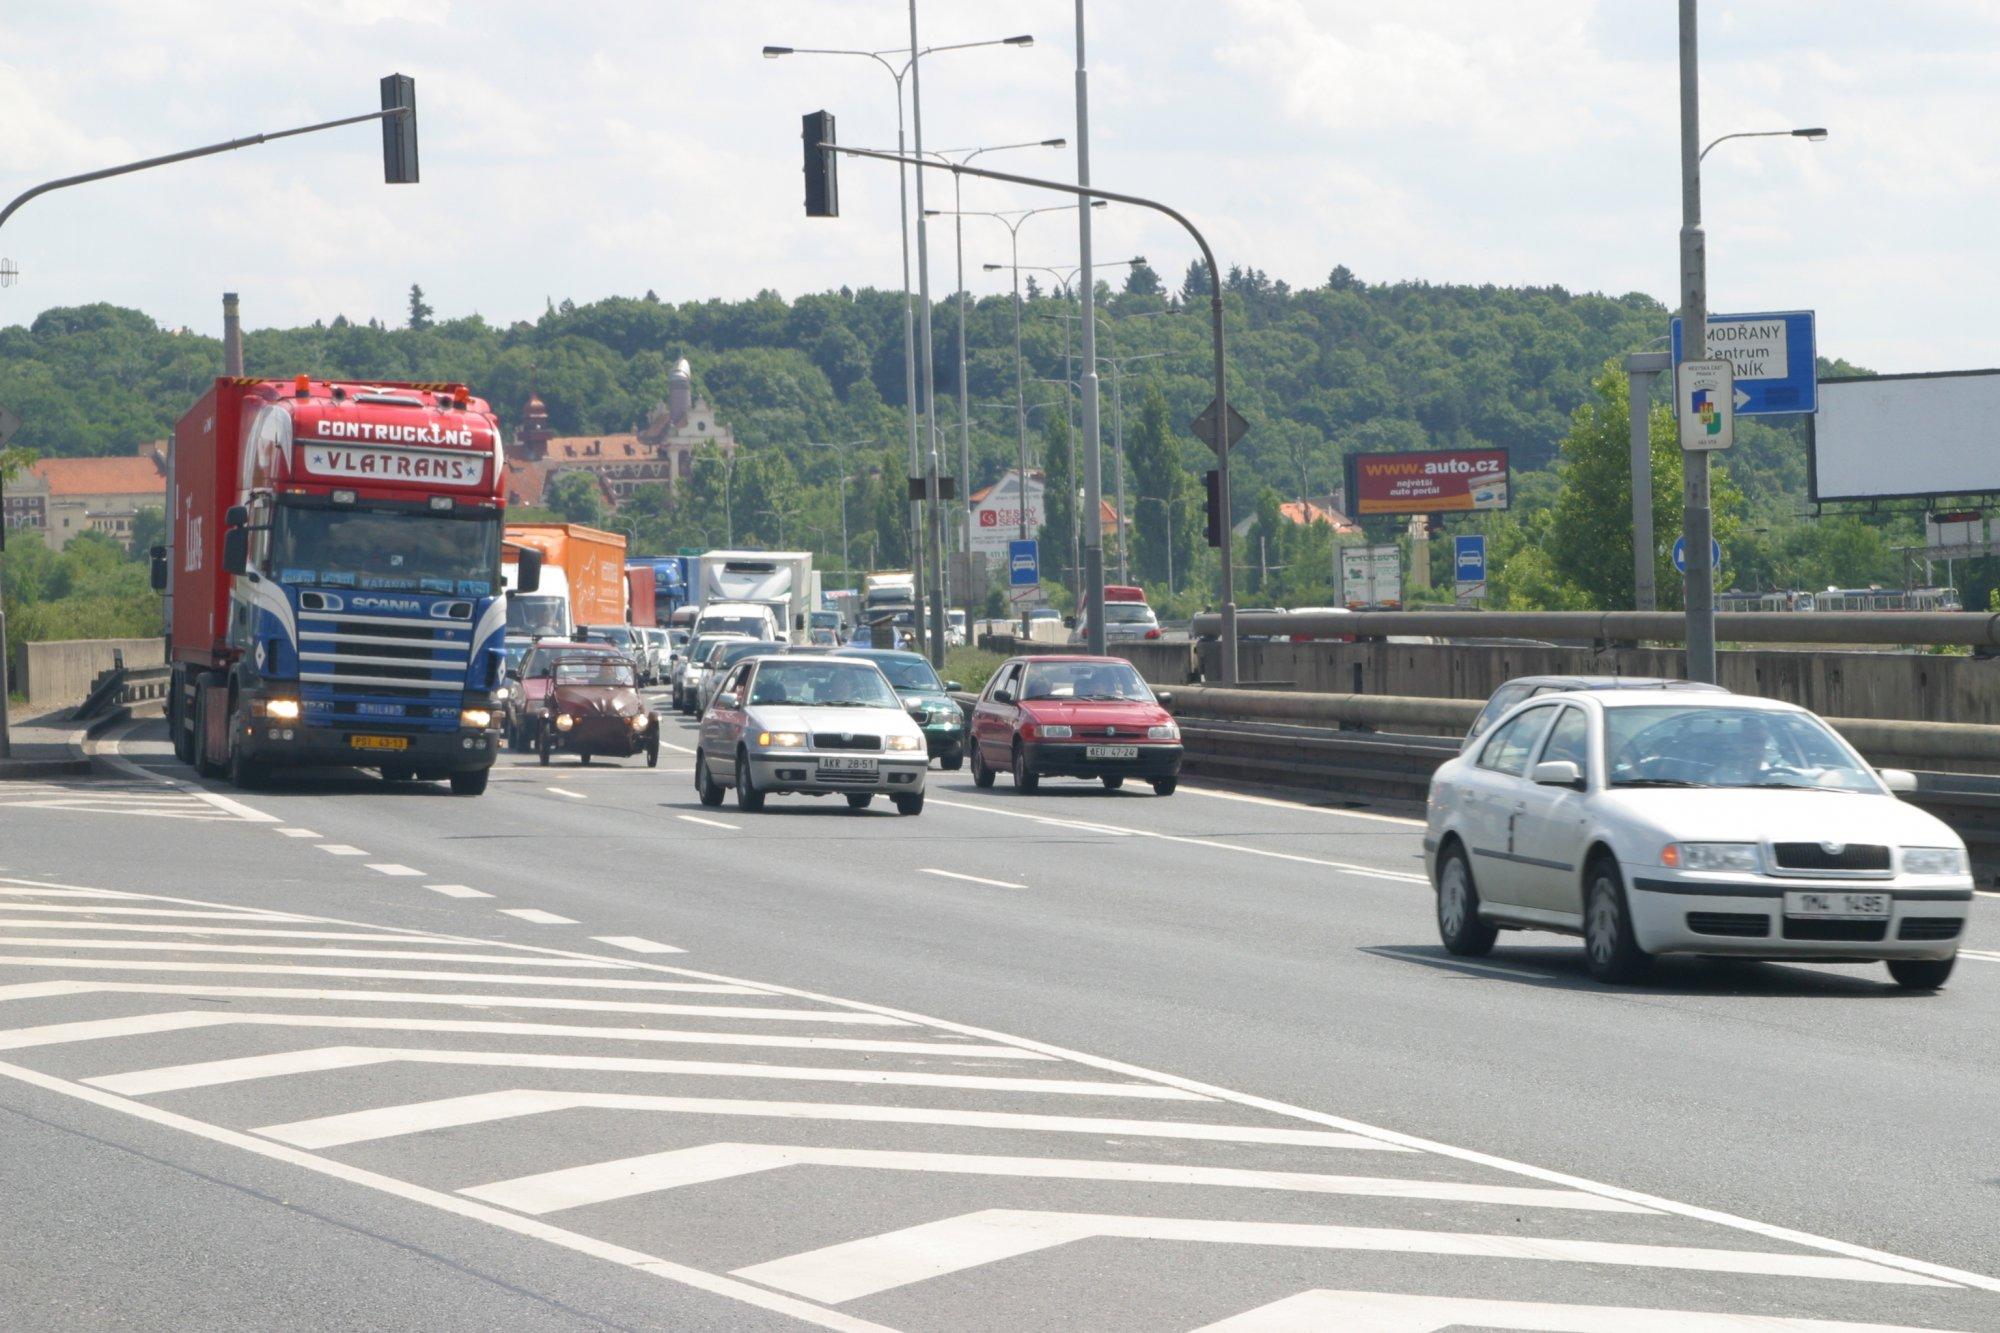 Středočeská ODS odmítá zavedení mýtných poplatků za vjezd do Prahy za situace, kdy schází nezbytná dopravní infrastruktura